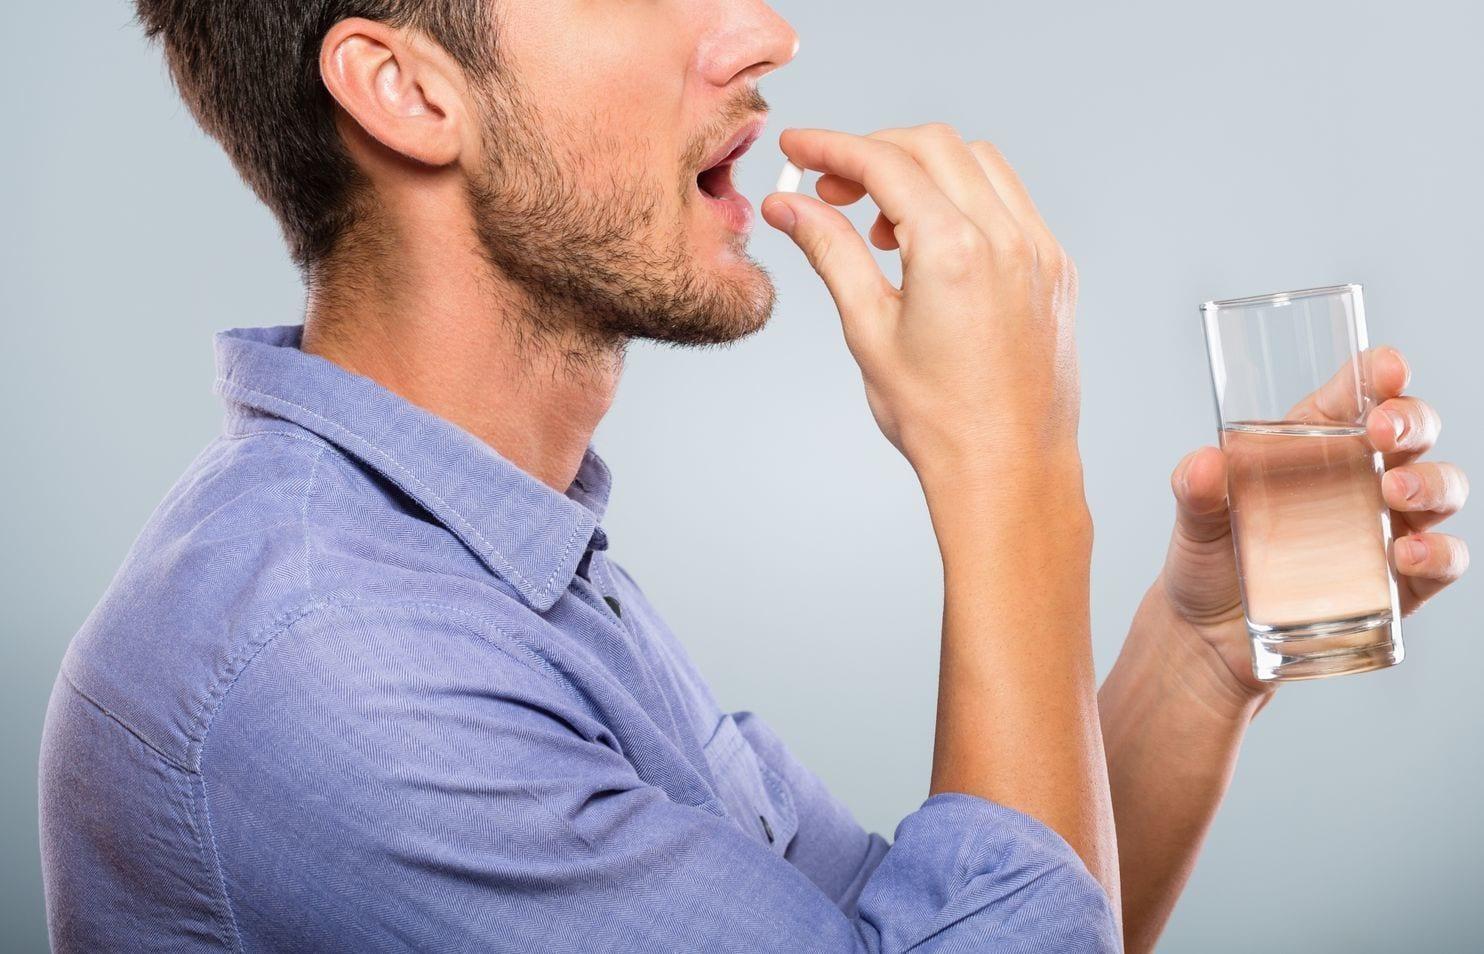 Thuốc cường dương dạng uống được nhiều nam giới lựa chọn để kéo dài thời gian quan hệ